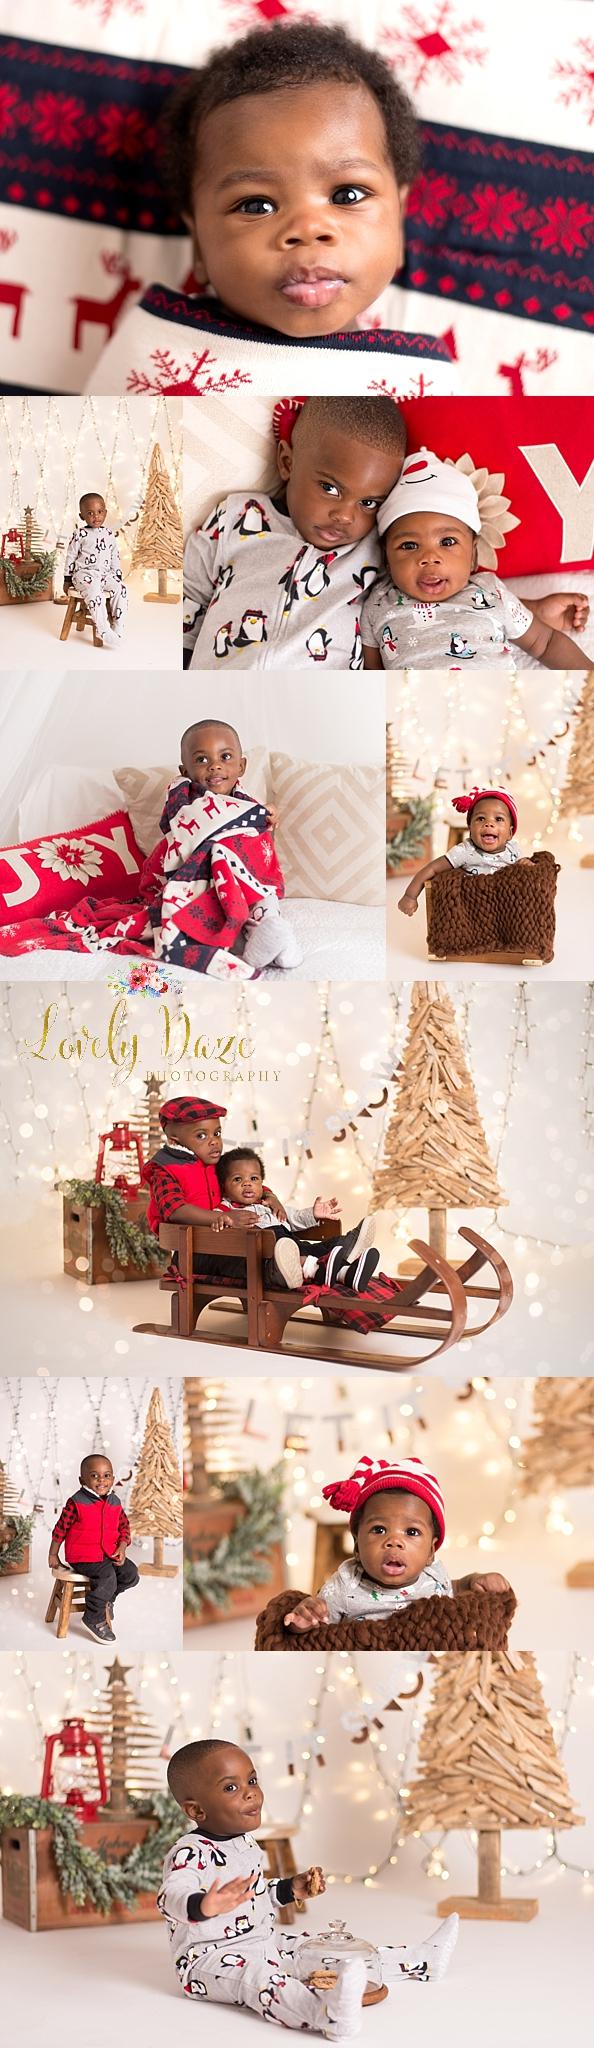 Cranford nj holiday Mini portraits children photographer.jpg